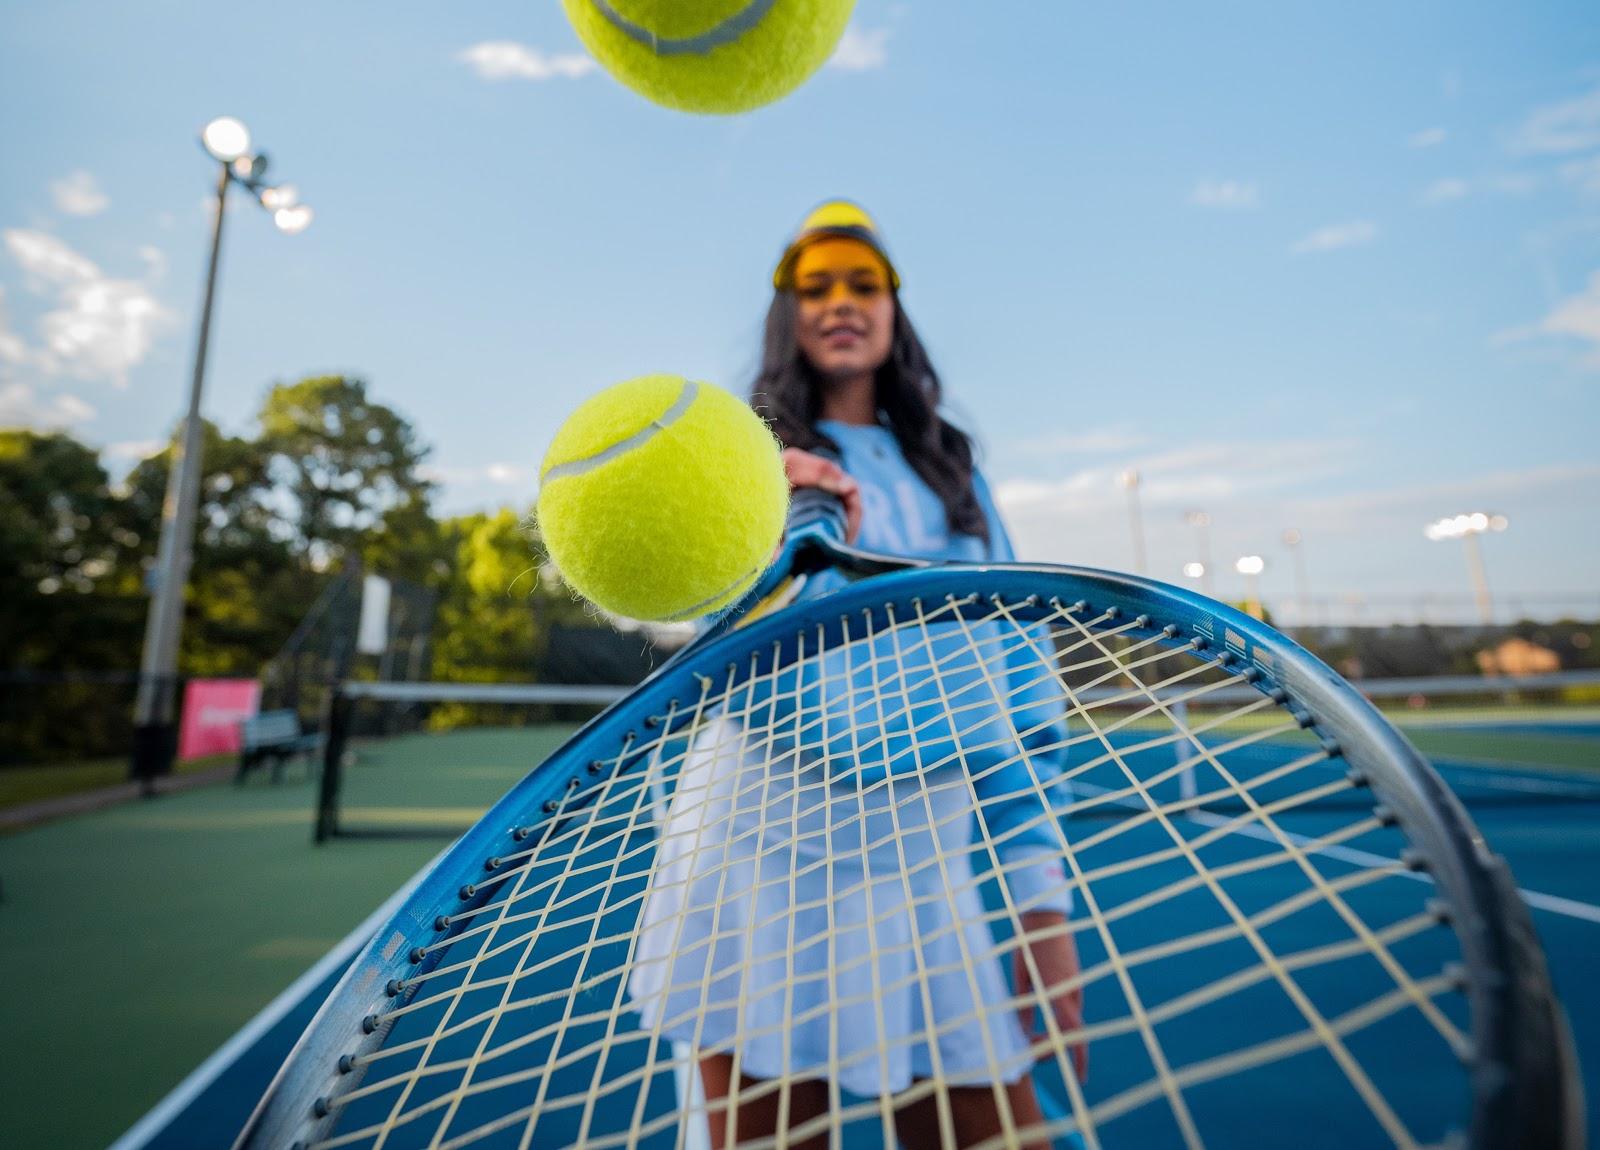 Frau mit Tennisschläger und hüpfenden Bällen